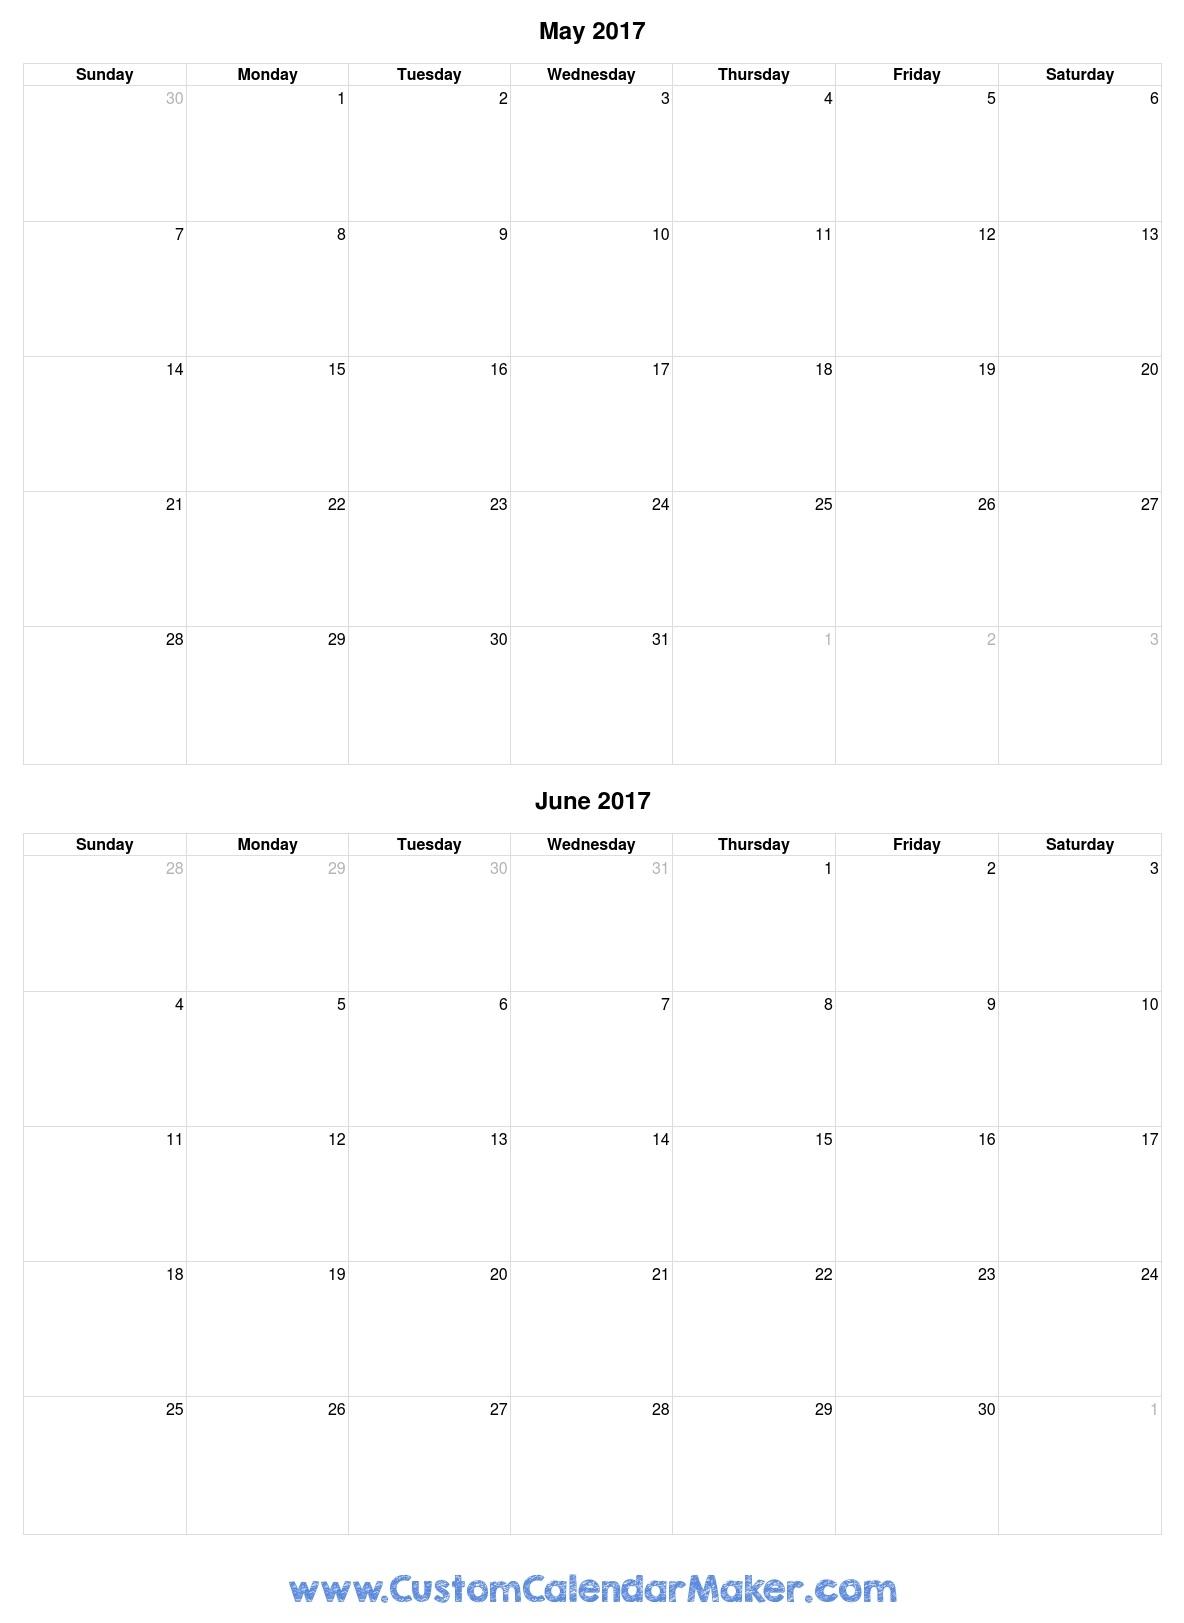 May And June 2017 Calendar